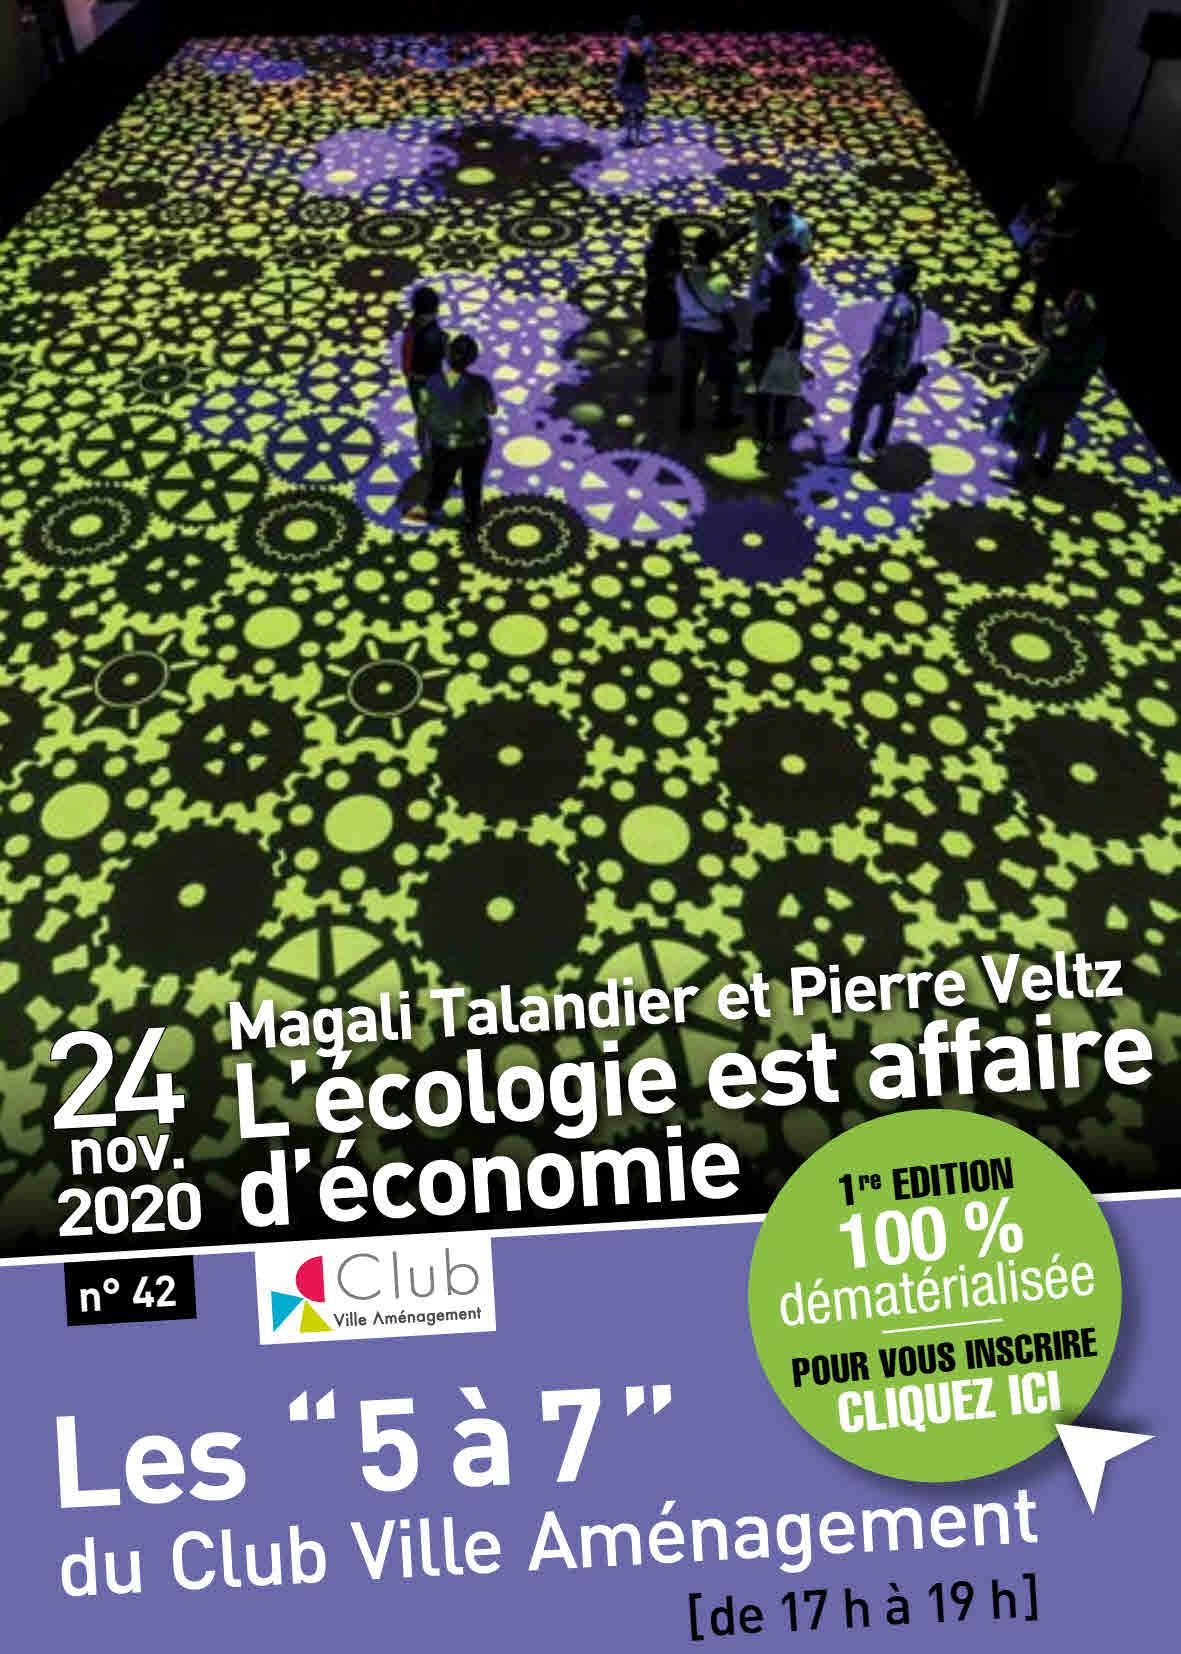 Conférence-débat avec Magali Talandier et Pierre Veltz >> 24 nov – 17h-19h >> visio